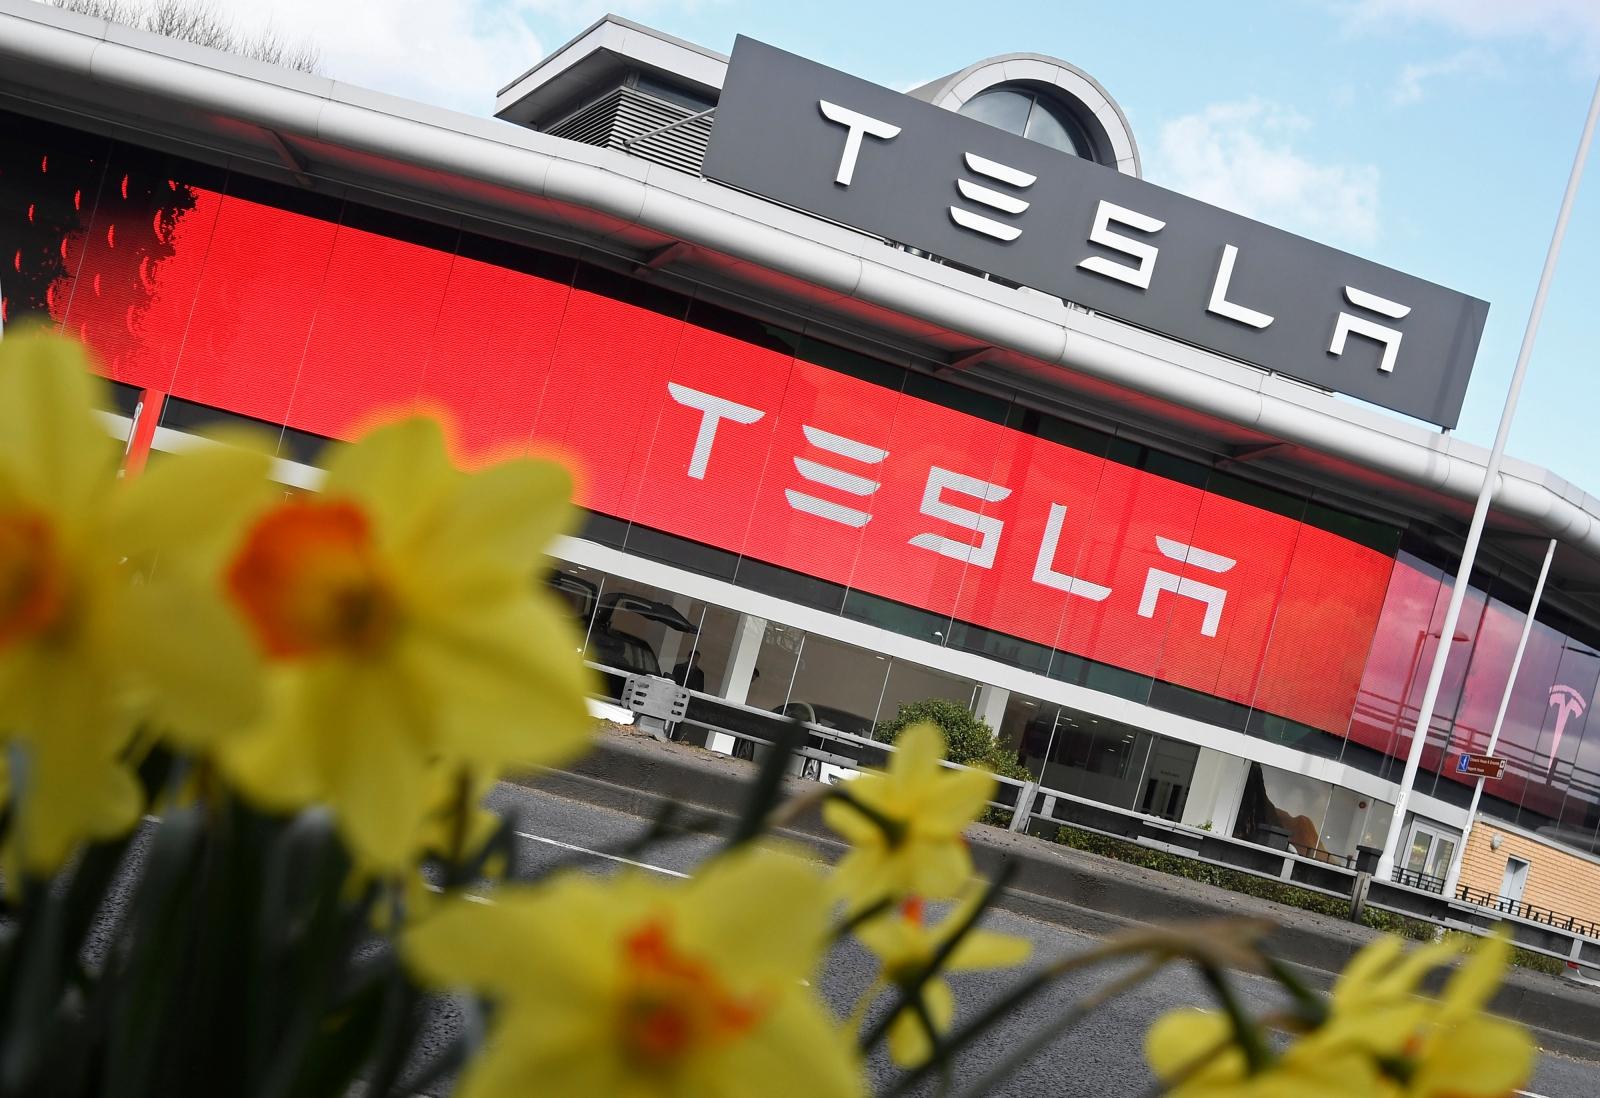 Tesla store Chiswick, London